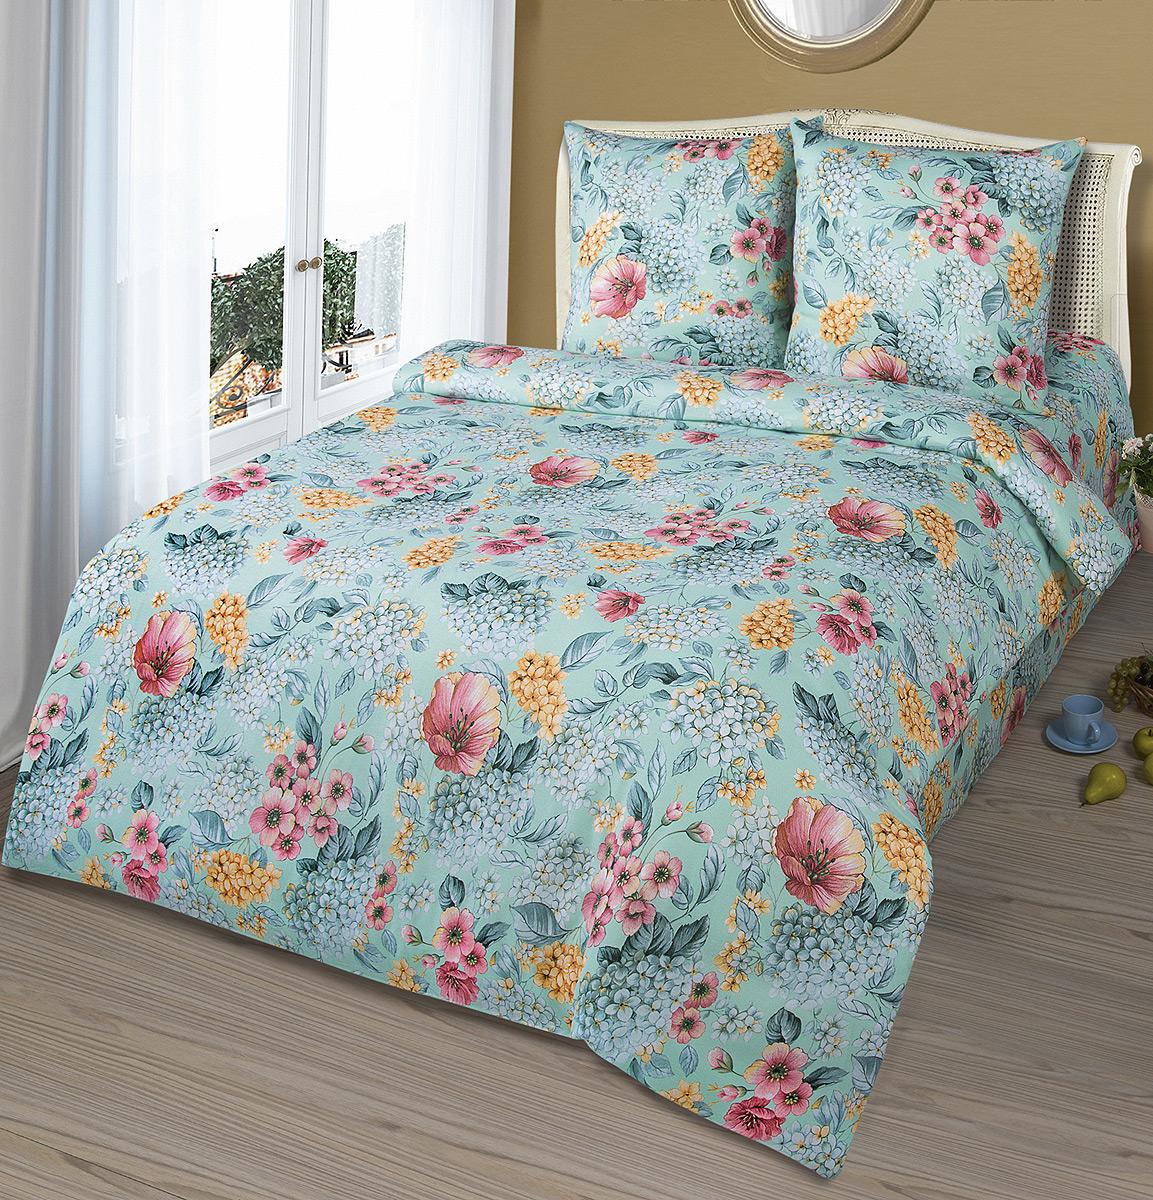 Комплект белья Шоколад Палермо, 1,5-спальный, наволочки 70x70. Б100Б100Комплект постельного белья Шоколад Палермо является экологически безопасным для всей семьи, так как выполнен из натурального хлопка. Комплект состоит из пододеяльника, простыни и двух наволочек. Постельное белье оформлено оригинальным рисунком и имеет изысканный внешний вид.Бязь - это ткань полотняного переплетения, изготовленная из экологически чистого и натурального 100% хлопка. Она прочная, мягкая, обладает низкой сминаемостью, легко стирается и хорошо гладится. Бязь прекрасно пропускает воздух и за ней легко ухаживать. При соблюдении рекомендуемых условий стирки, сушки и глажения ткань имеет усадку по ГОСТу, сохранятся яркость текстильных рисунков. Приобретая комплект постельного белья Шоколад Палермо, вы можете быть уверены в том, что покупка доставит вам и вашим близким удовольствие иподарит максимальный комфорт.